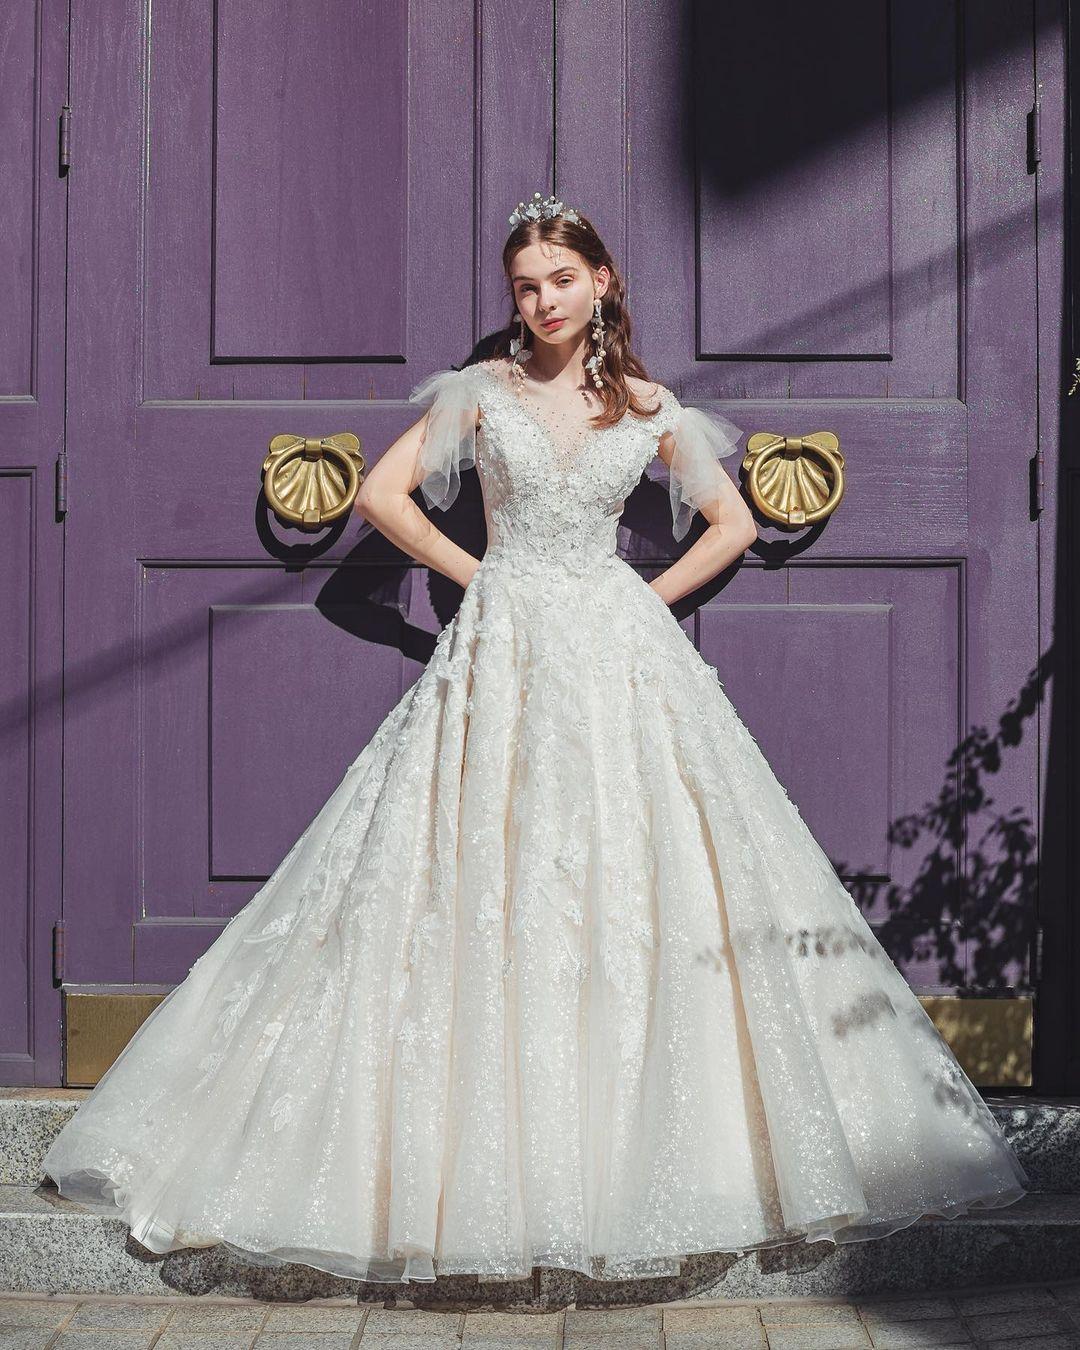 """""""Cô dâu Đông Âu"""" mang vẻ đẹp khiến bao người muốn cưới ở tuổi 17 - 7"""